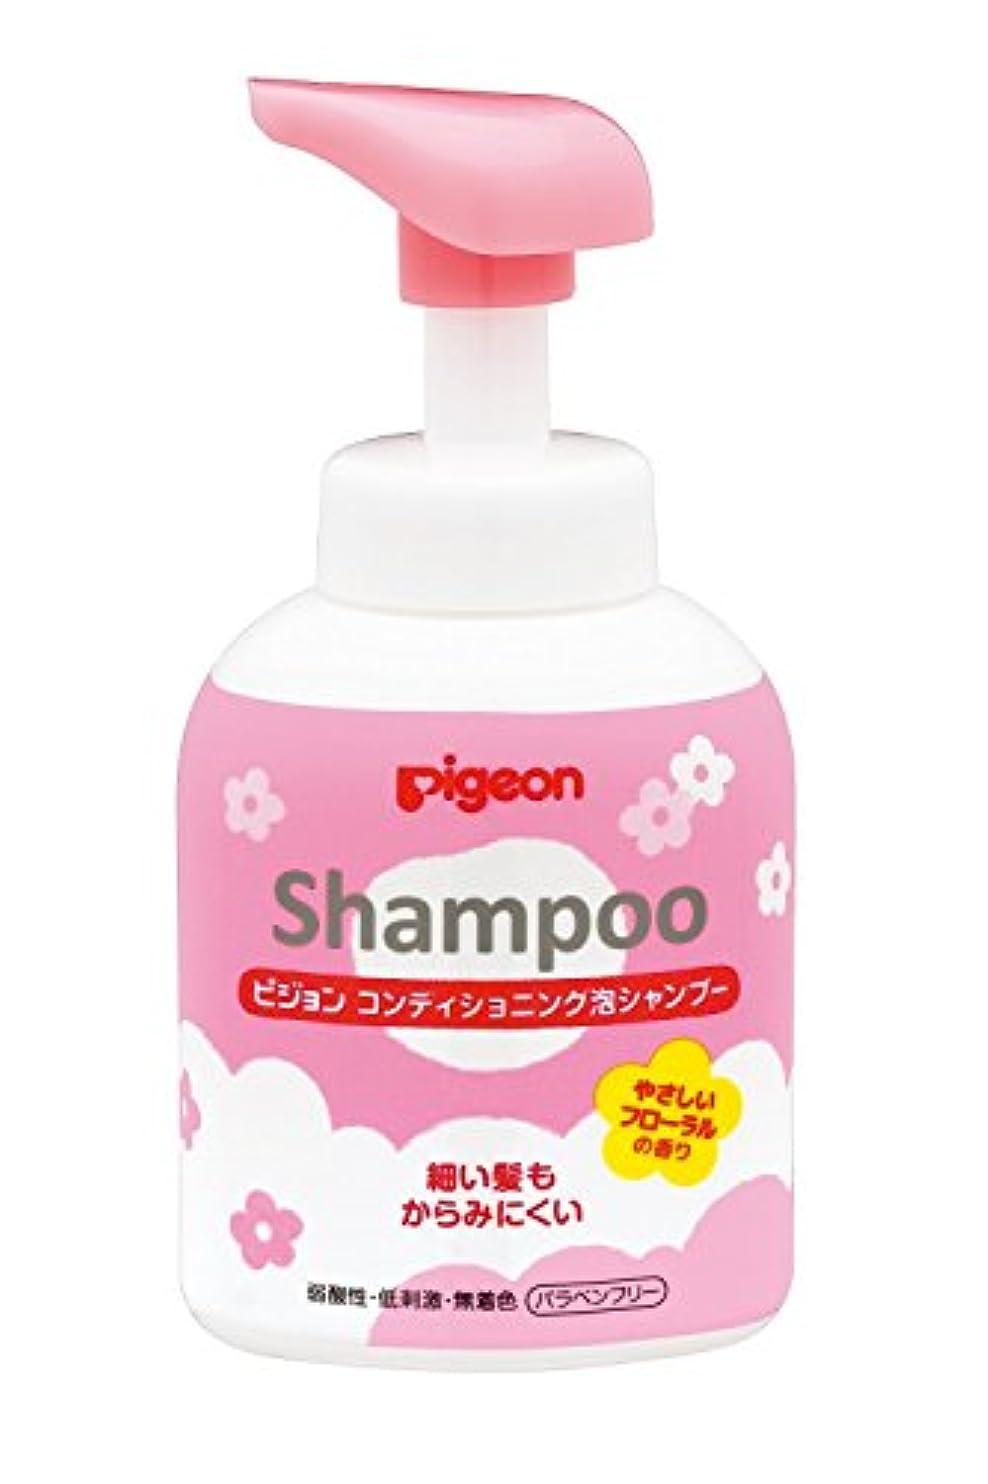 サッカー電圧検索ピジョン コンディショニング泡シャンプー やさしいフローラルの香り 350ml